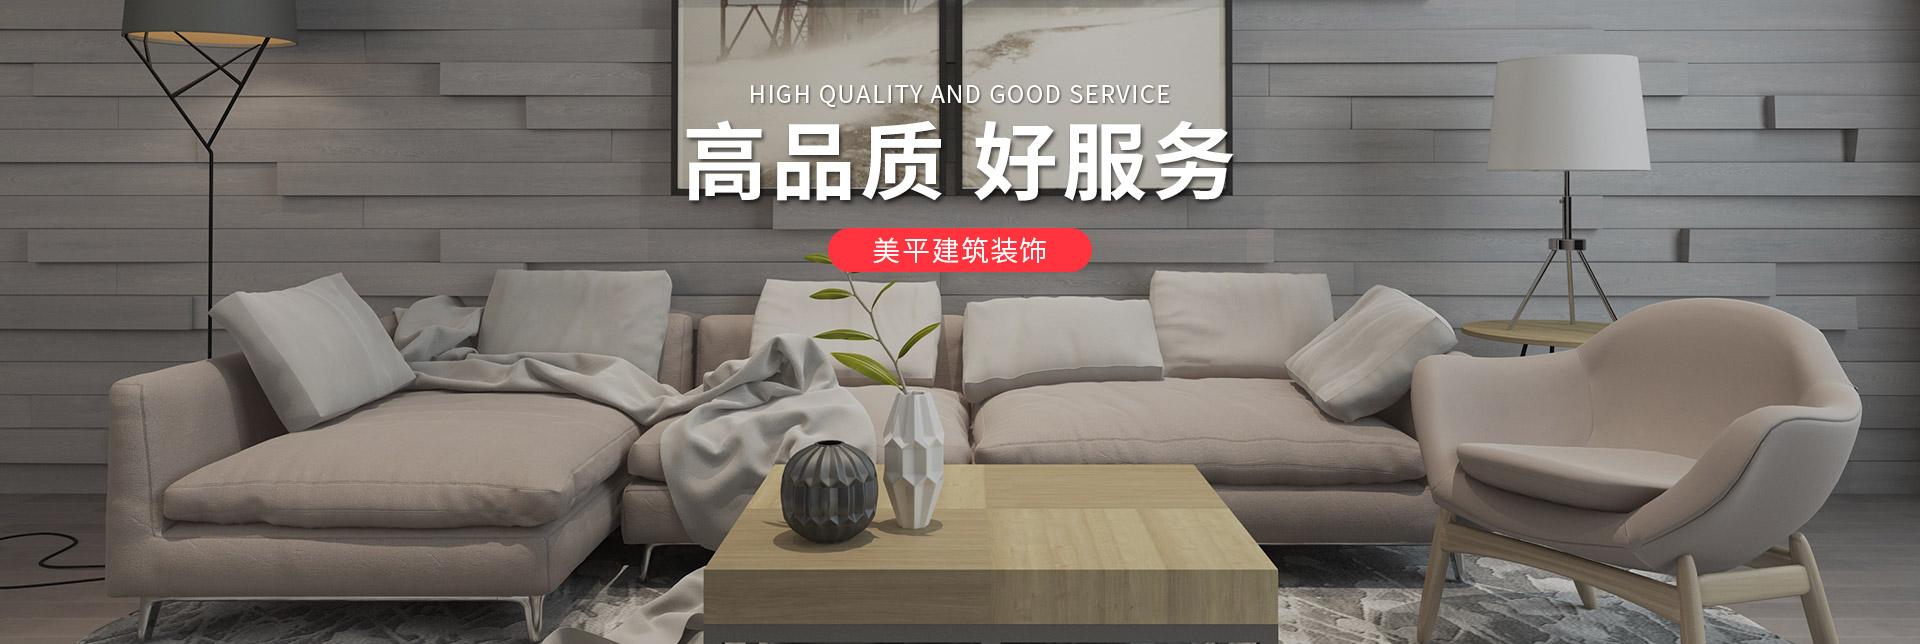 上海美平建筑装饰工程有限公司